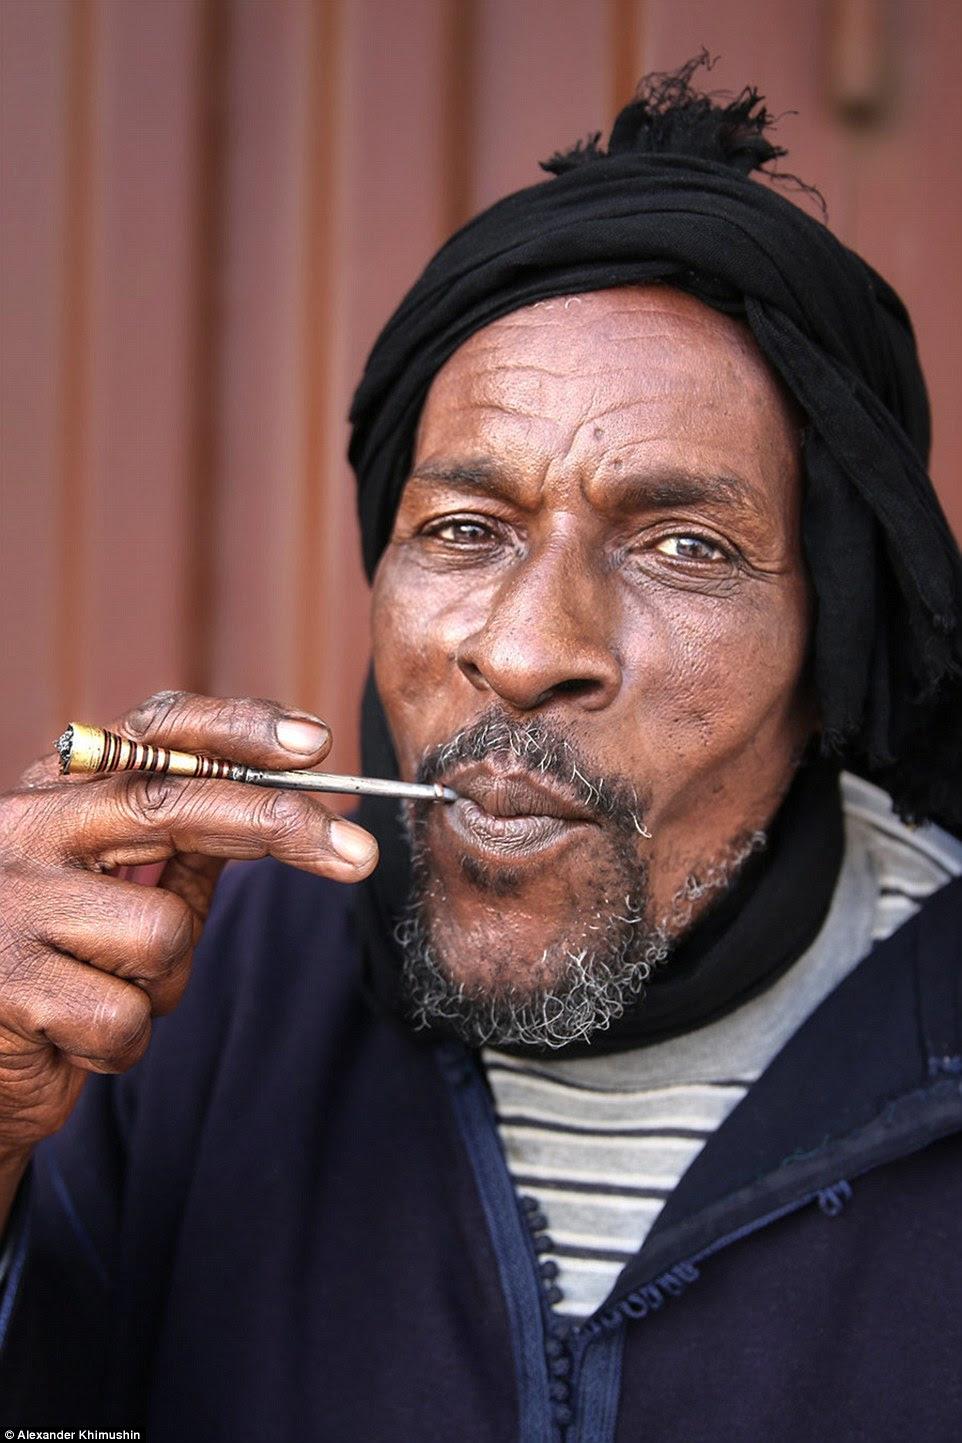 Sakhrawi homem fuma o cachimbo na fotografia incrivelmente detalhado que mostra a barba grisalhos e olhos com alma